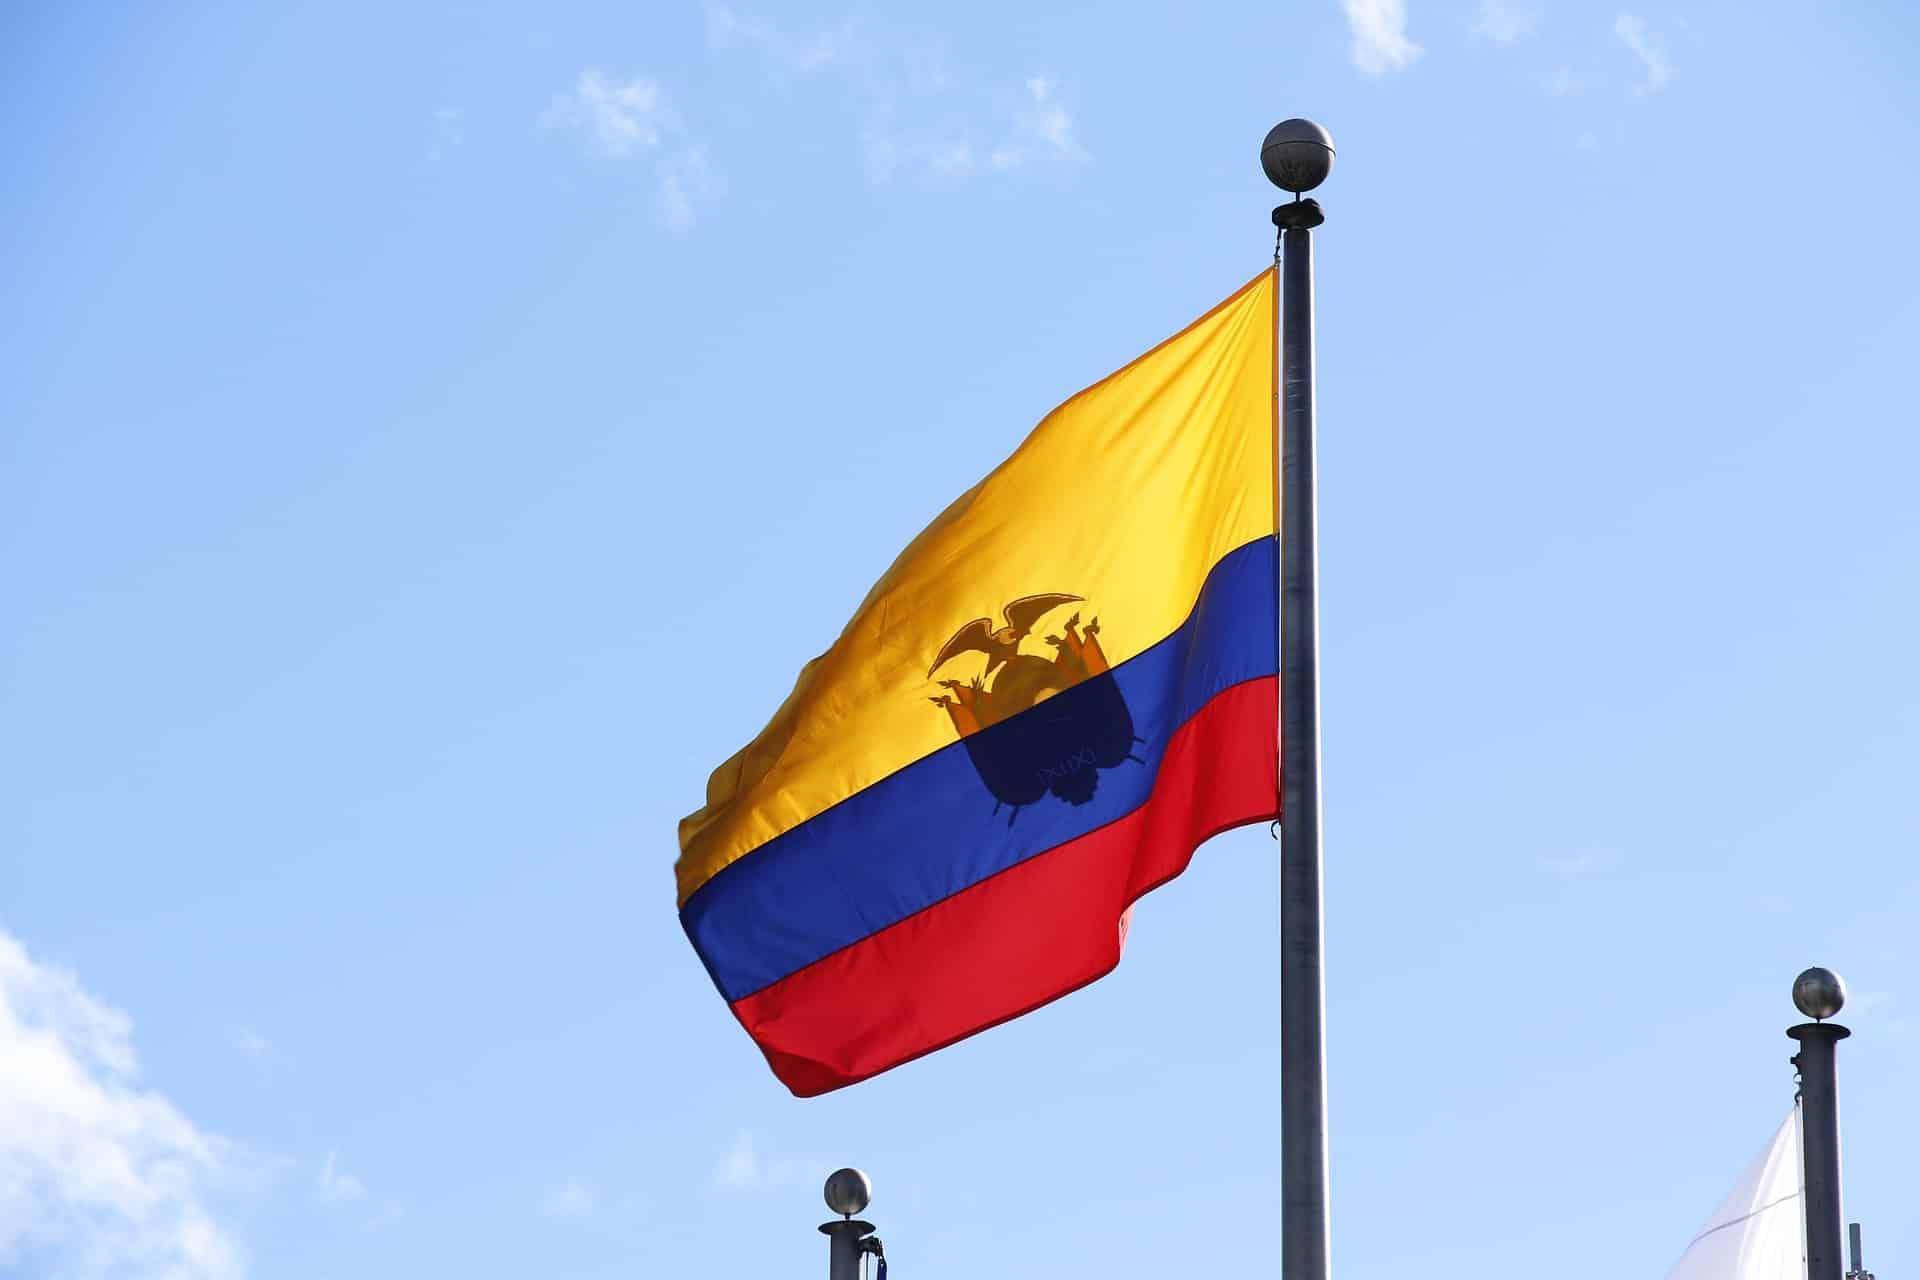 L'Équateur en bandoulière